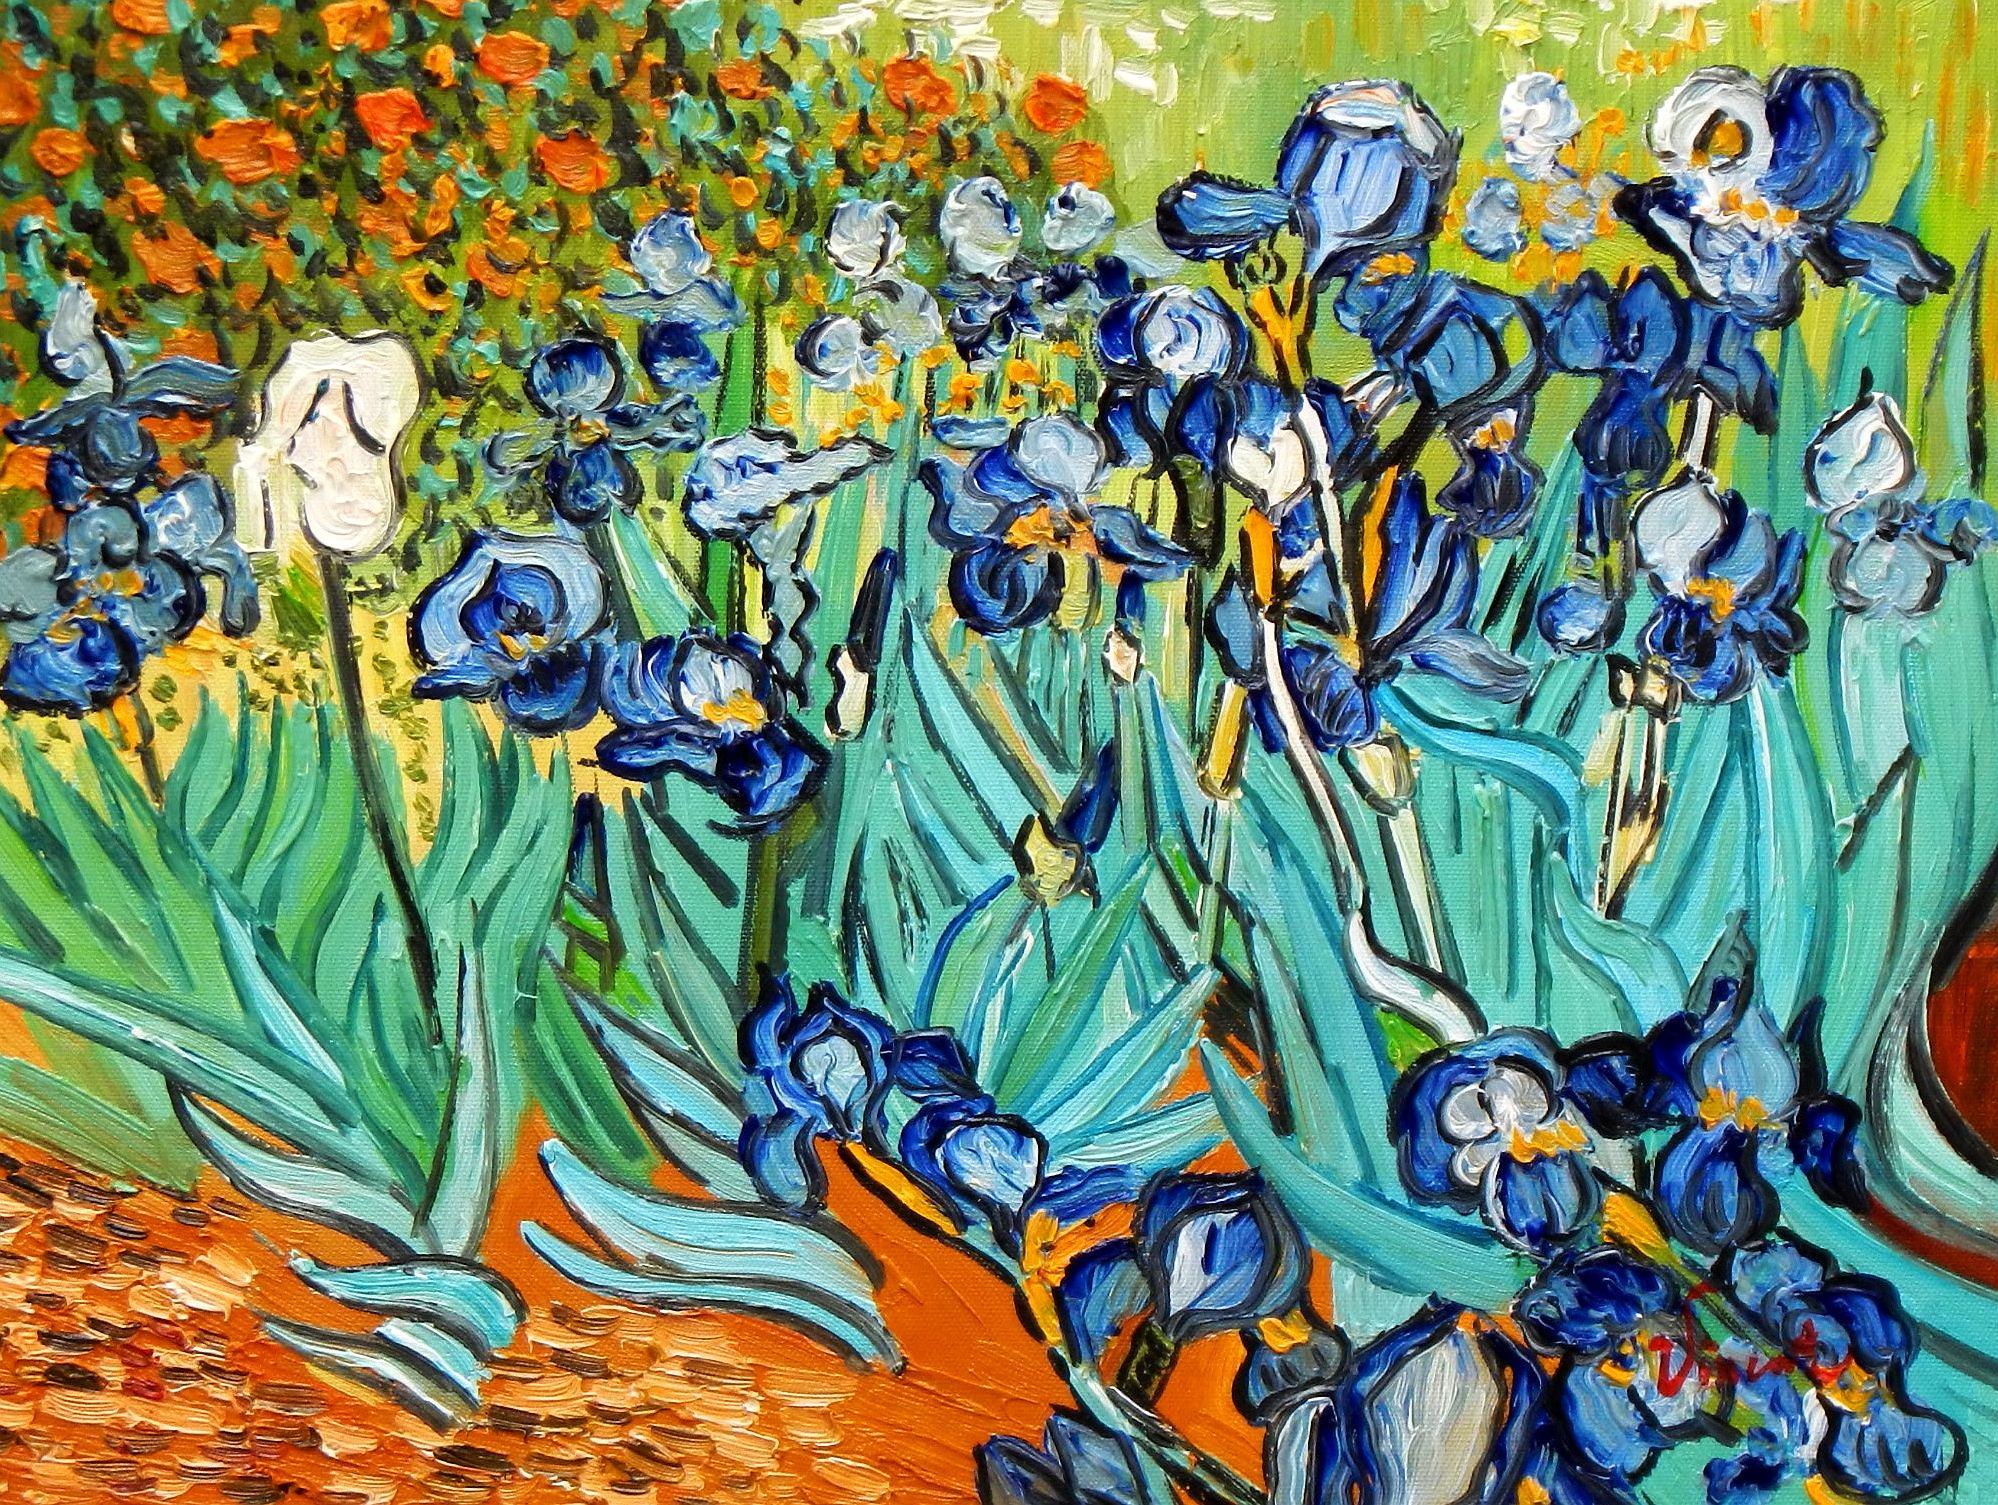 Vincent van Gogh - Blaue Iris a94150 30x40cm exzellentes Ölgemälde handgemalt